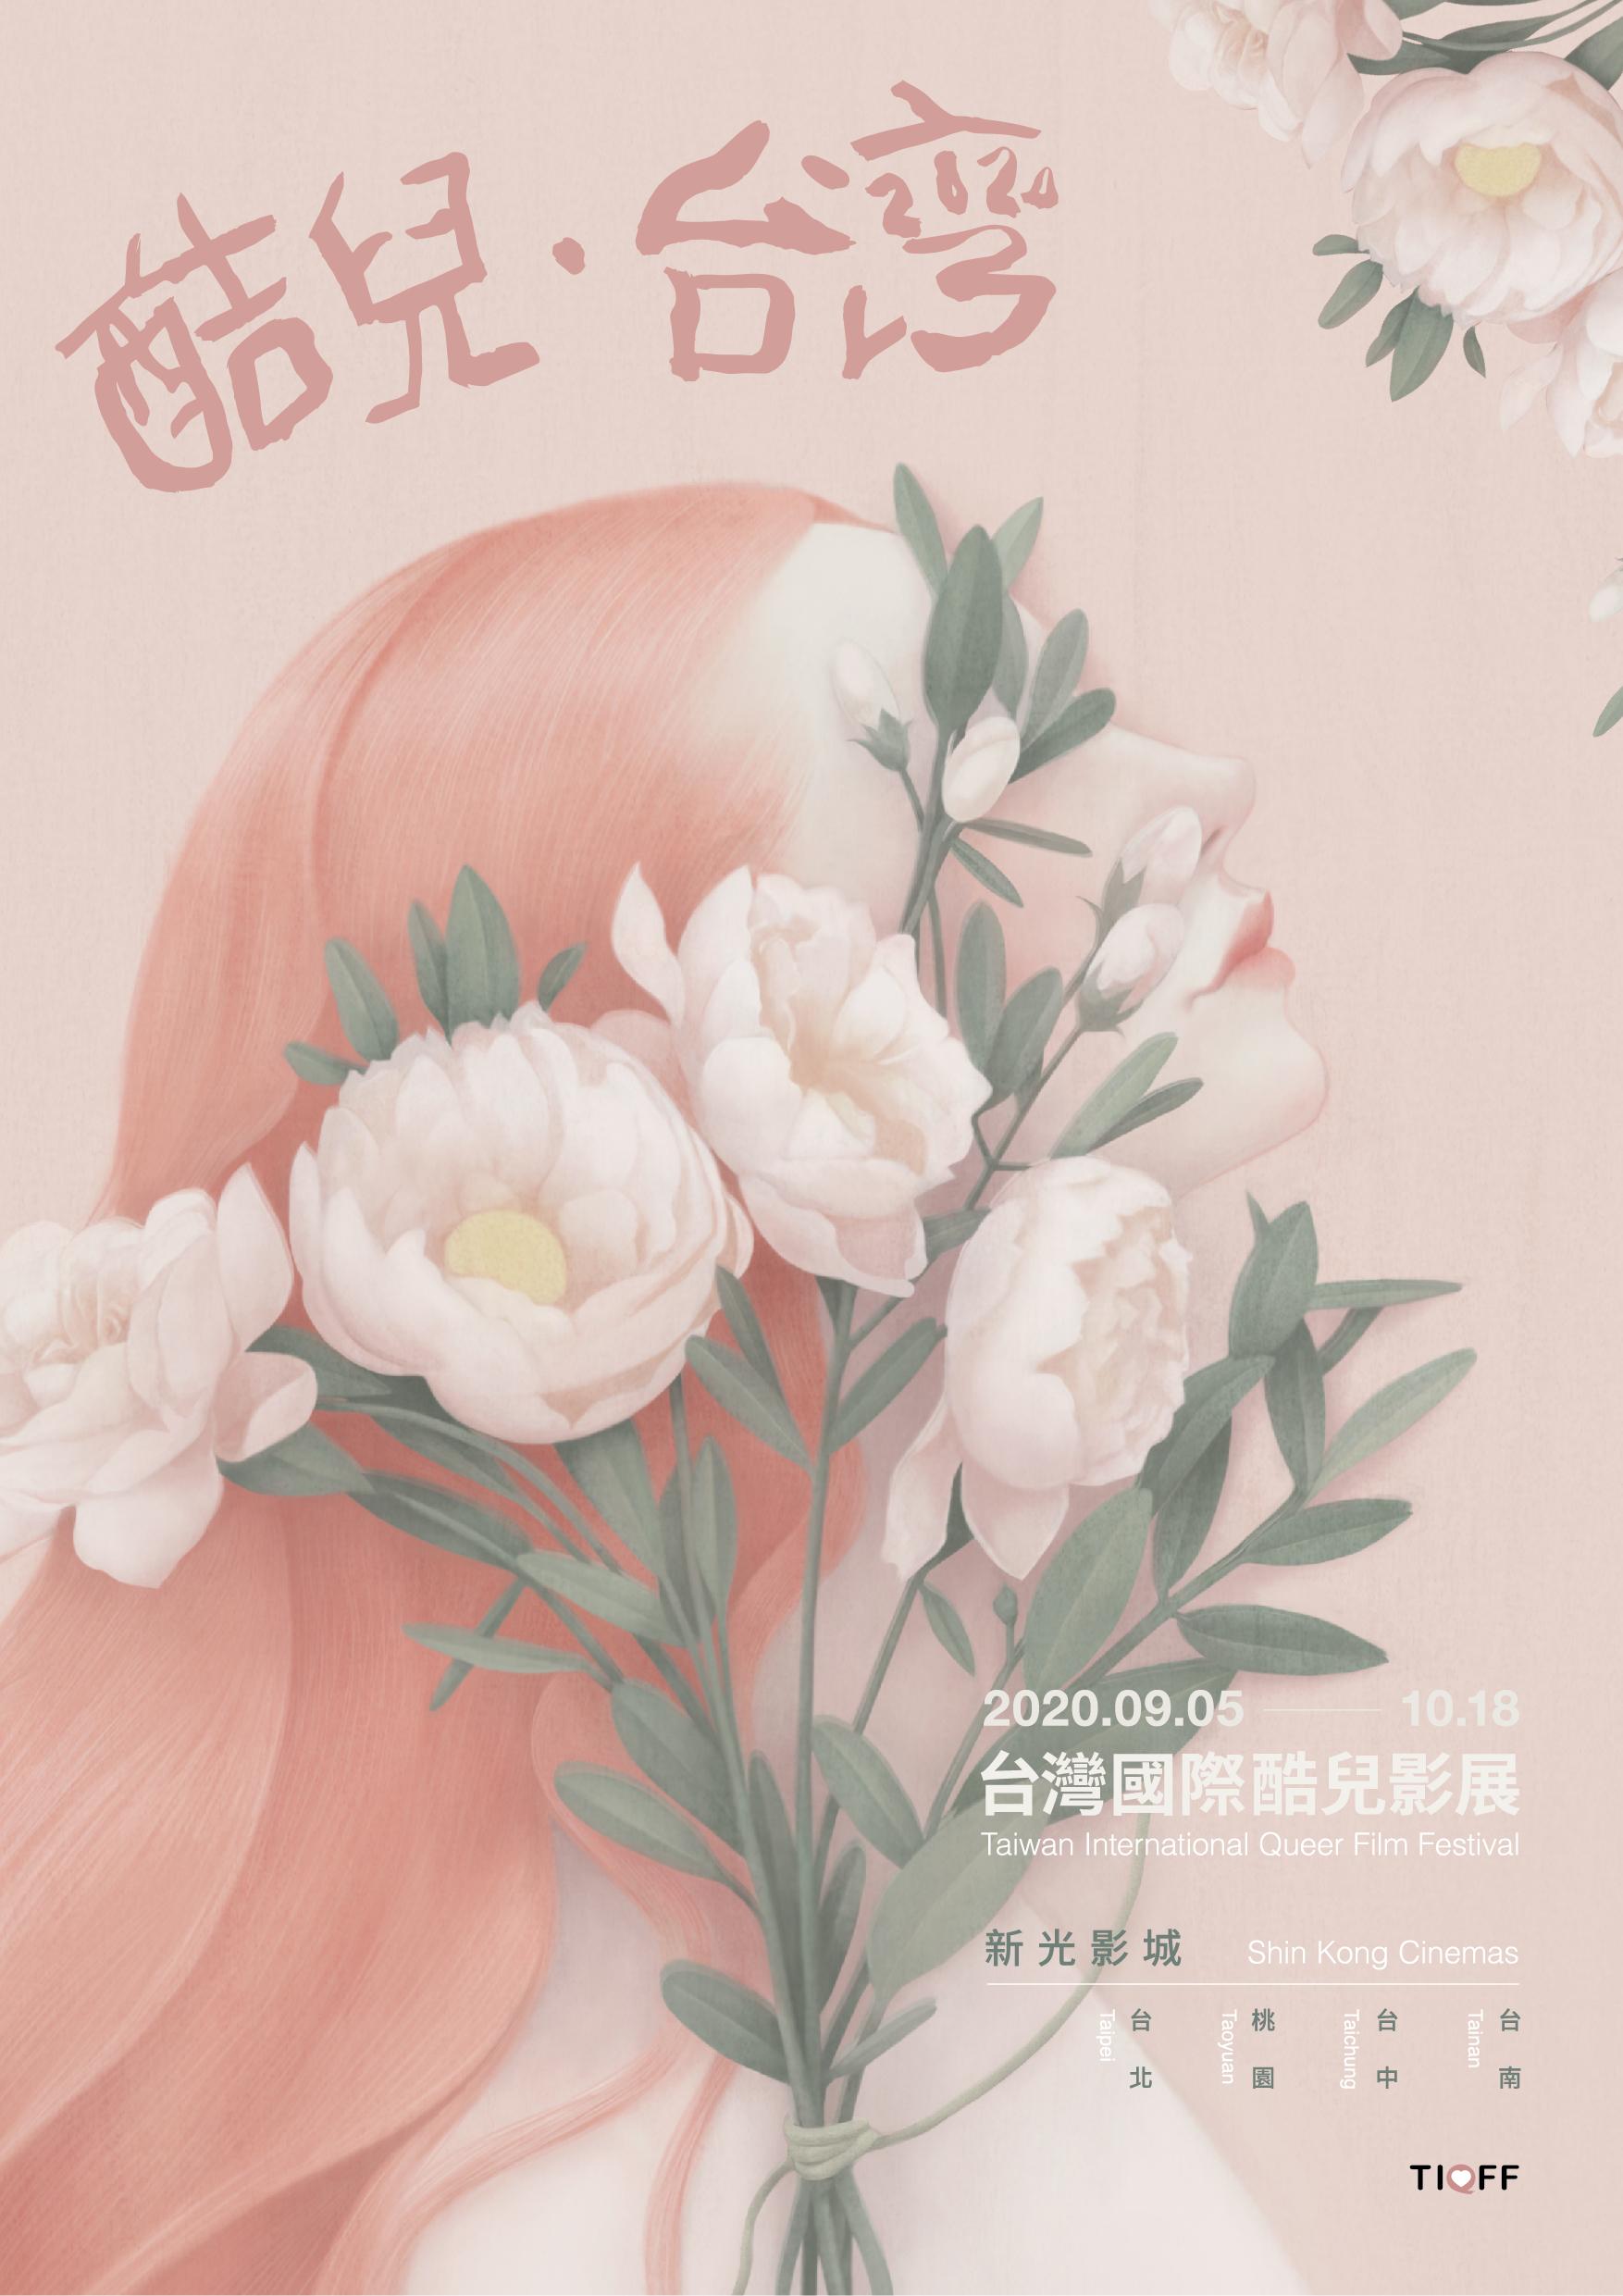 第七屆台灣國際酷兒影展主視覺_鄭曉嶸Orange